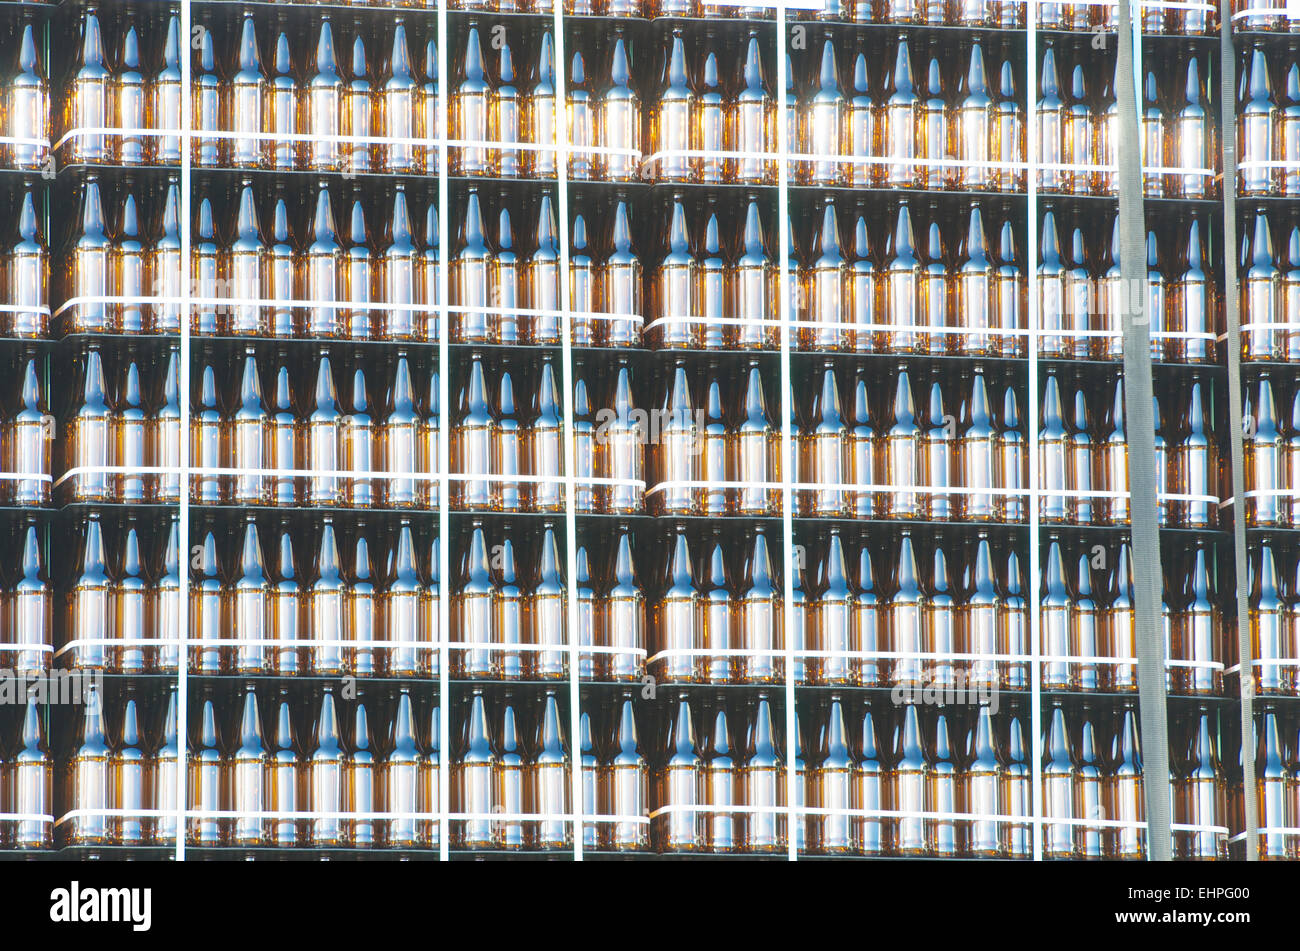 Brown Beer bottles, Carlsberg Brewery, Northampton. - Stock Image